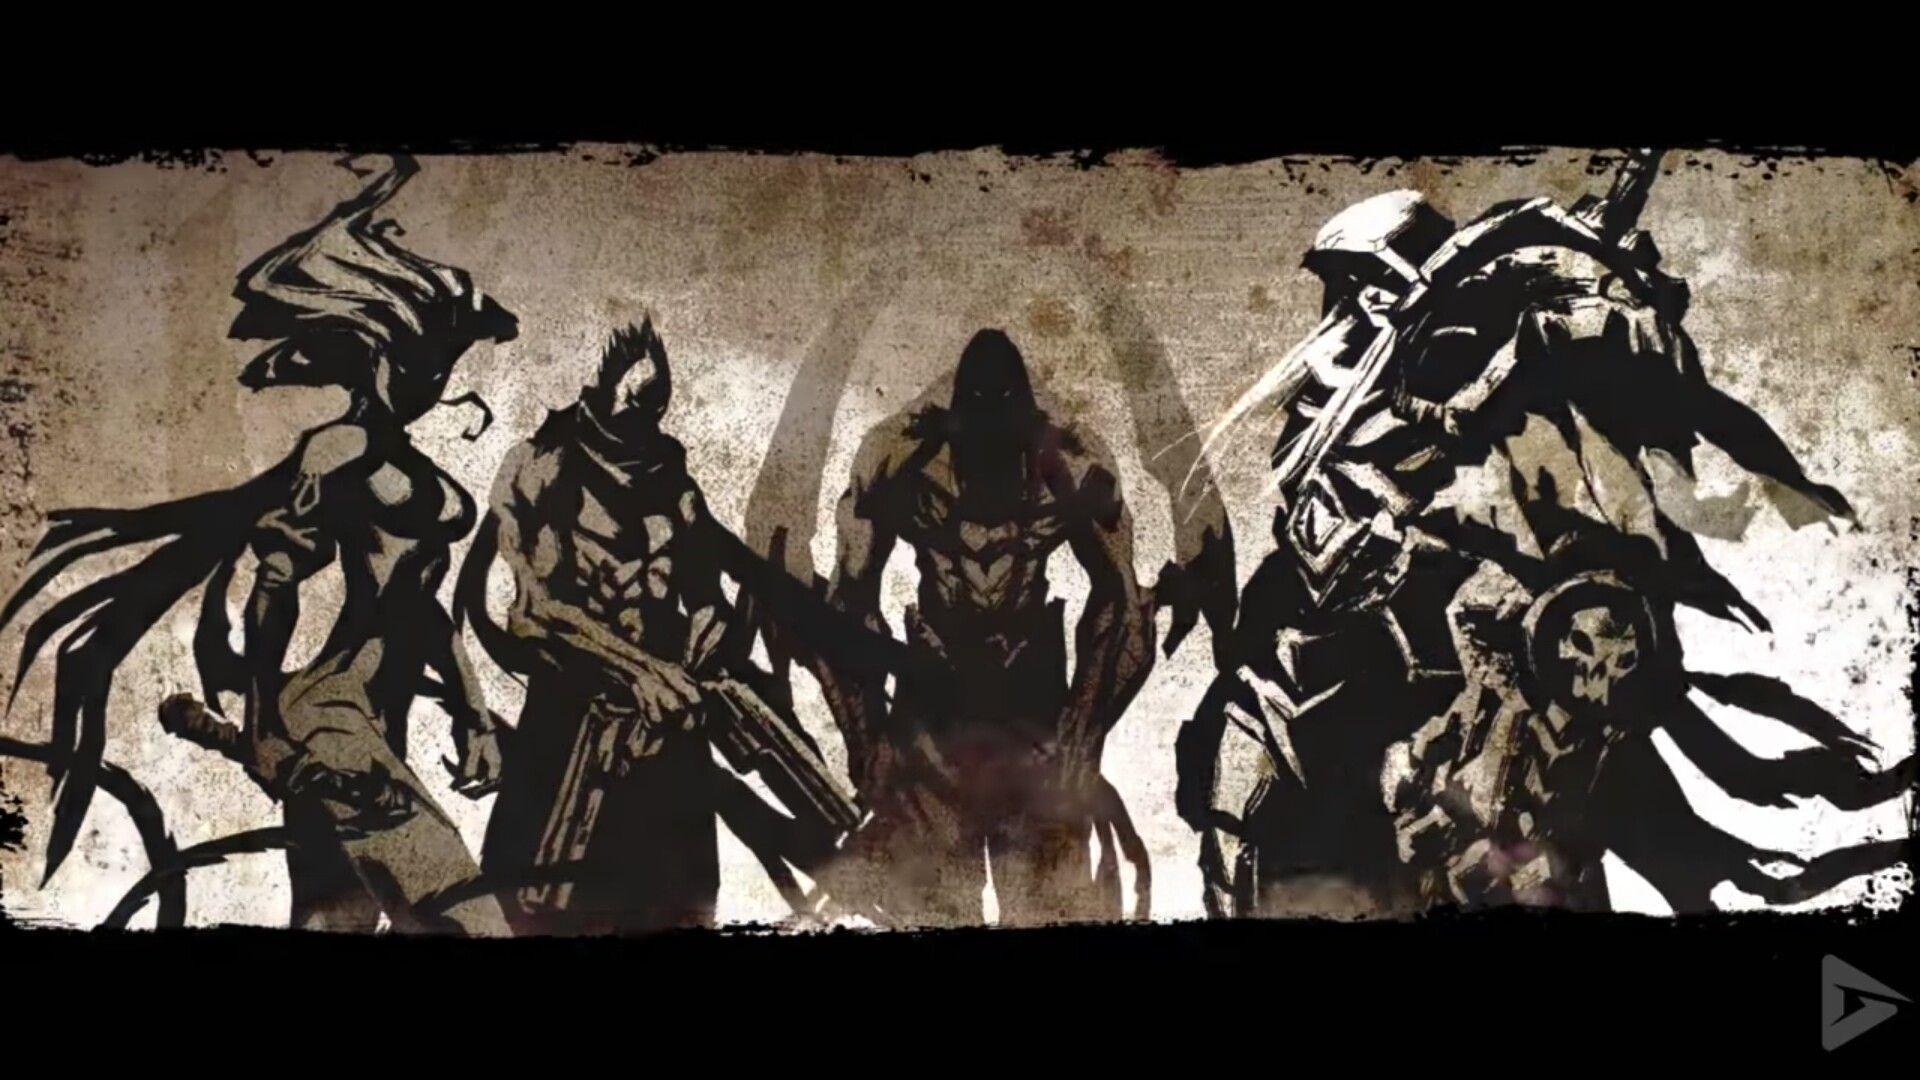 Pin By Javantay Reid On The 4 Horsemen Darksiders Horsemen Horsemen Of The Apocalypse Horseman